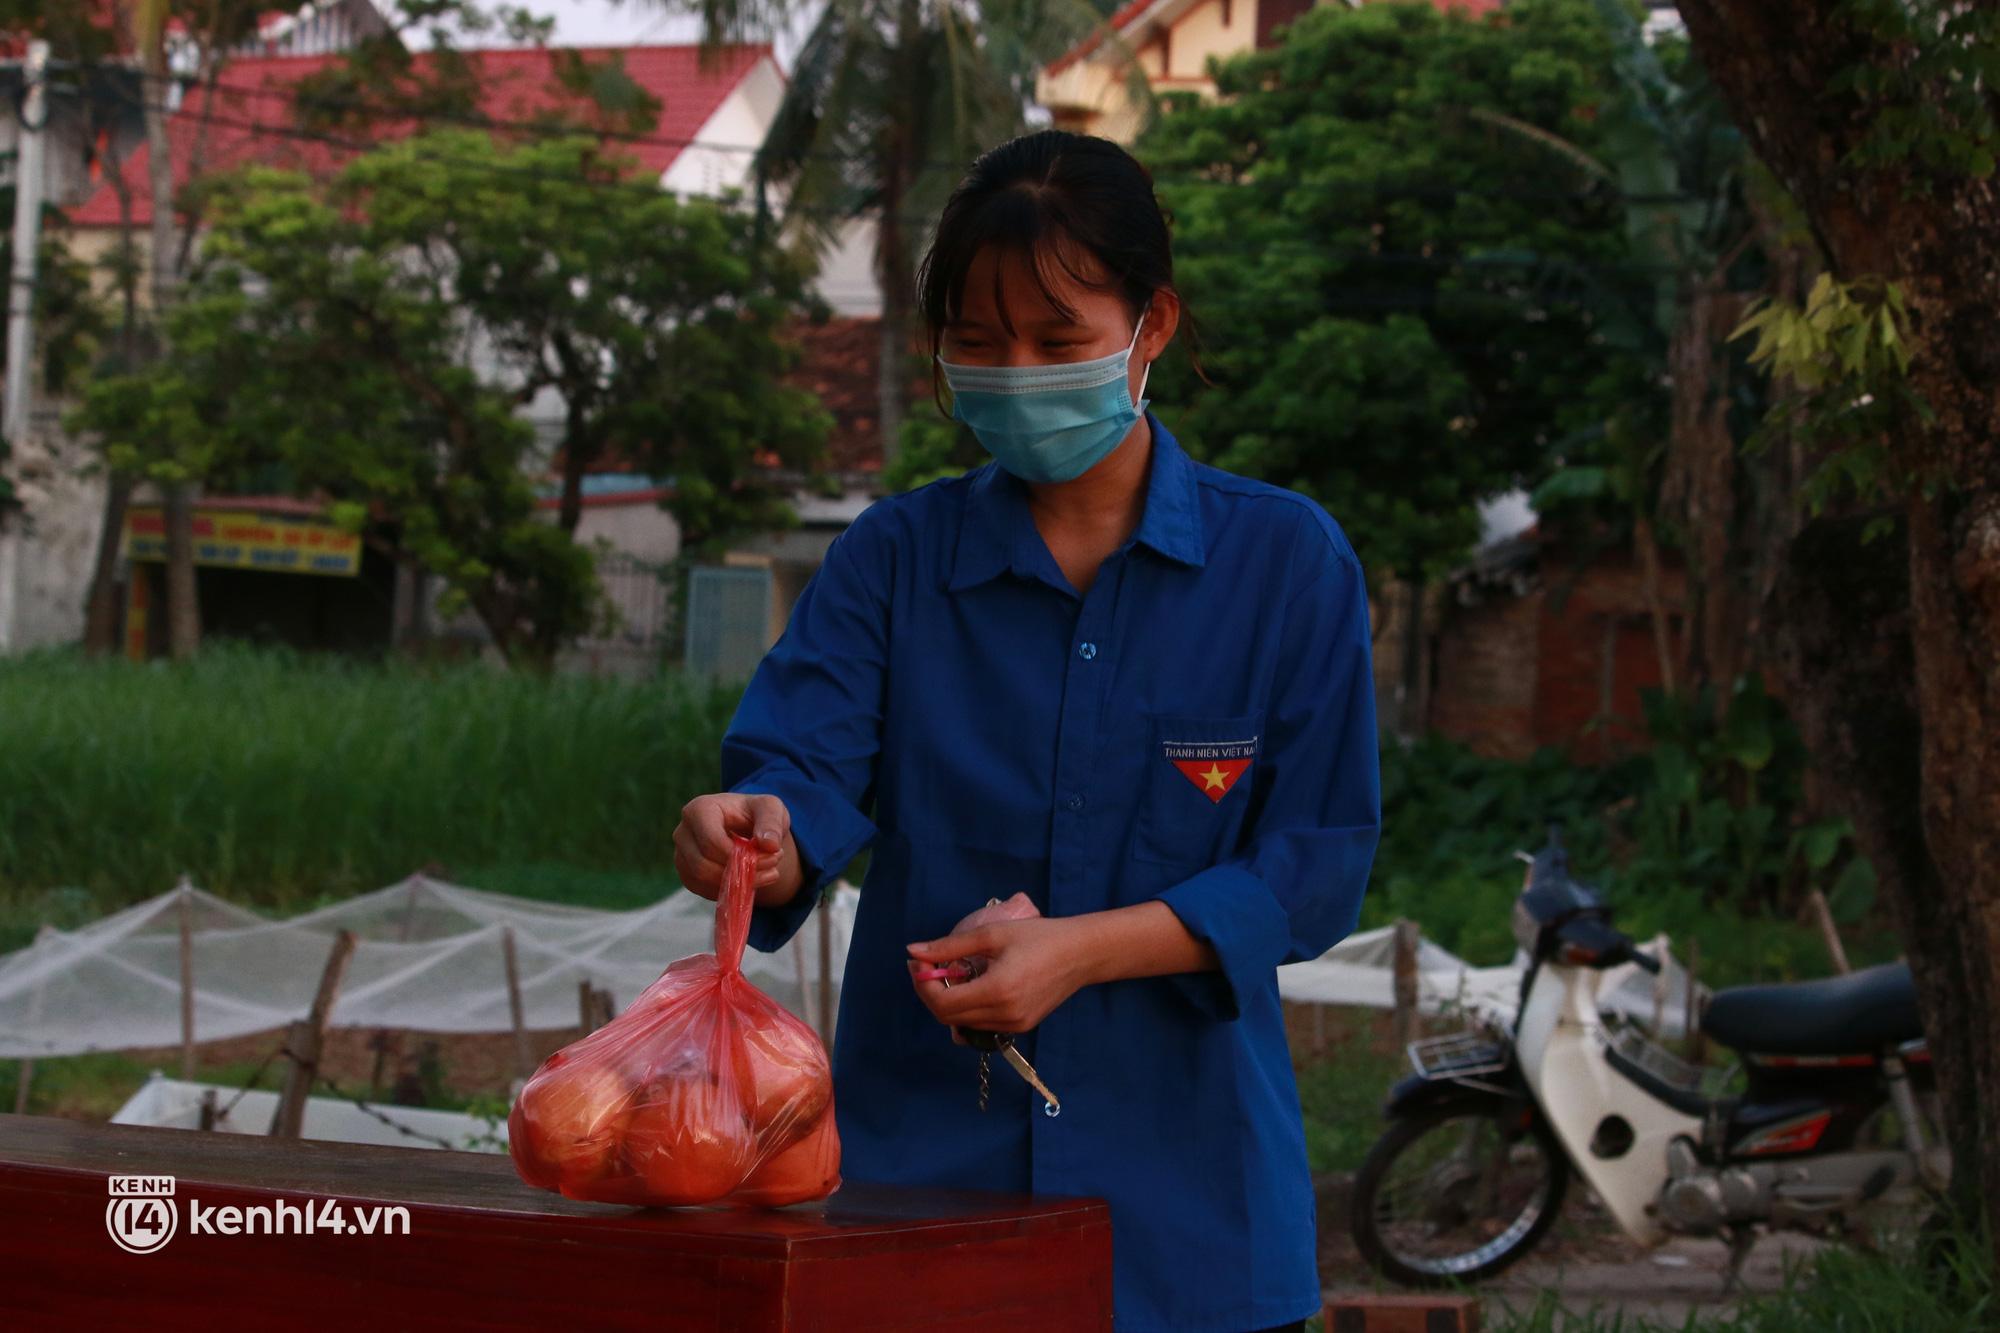 Ảnh: Khẩn trương xét nghiệm hơn 9.000 dân sau khi phát hiện 5 ca mắc Covid-19 ở ngoại thành Hà Nội - Ảnh 7.